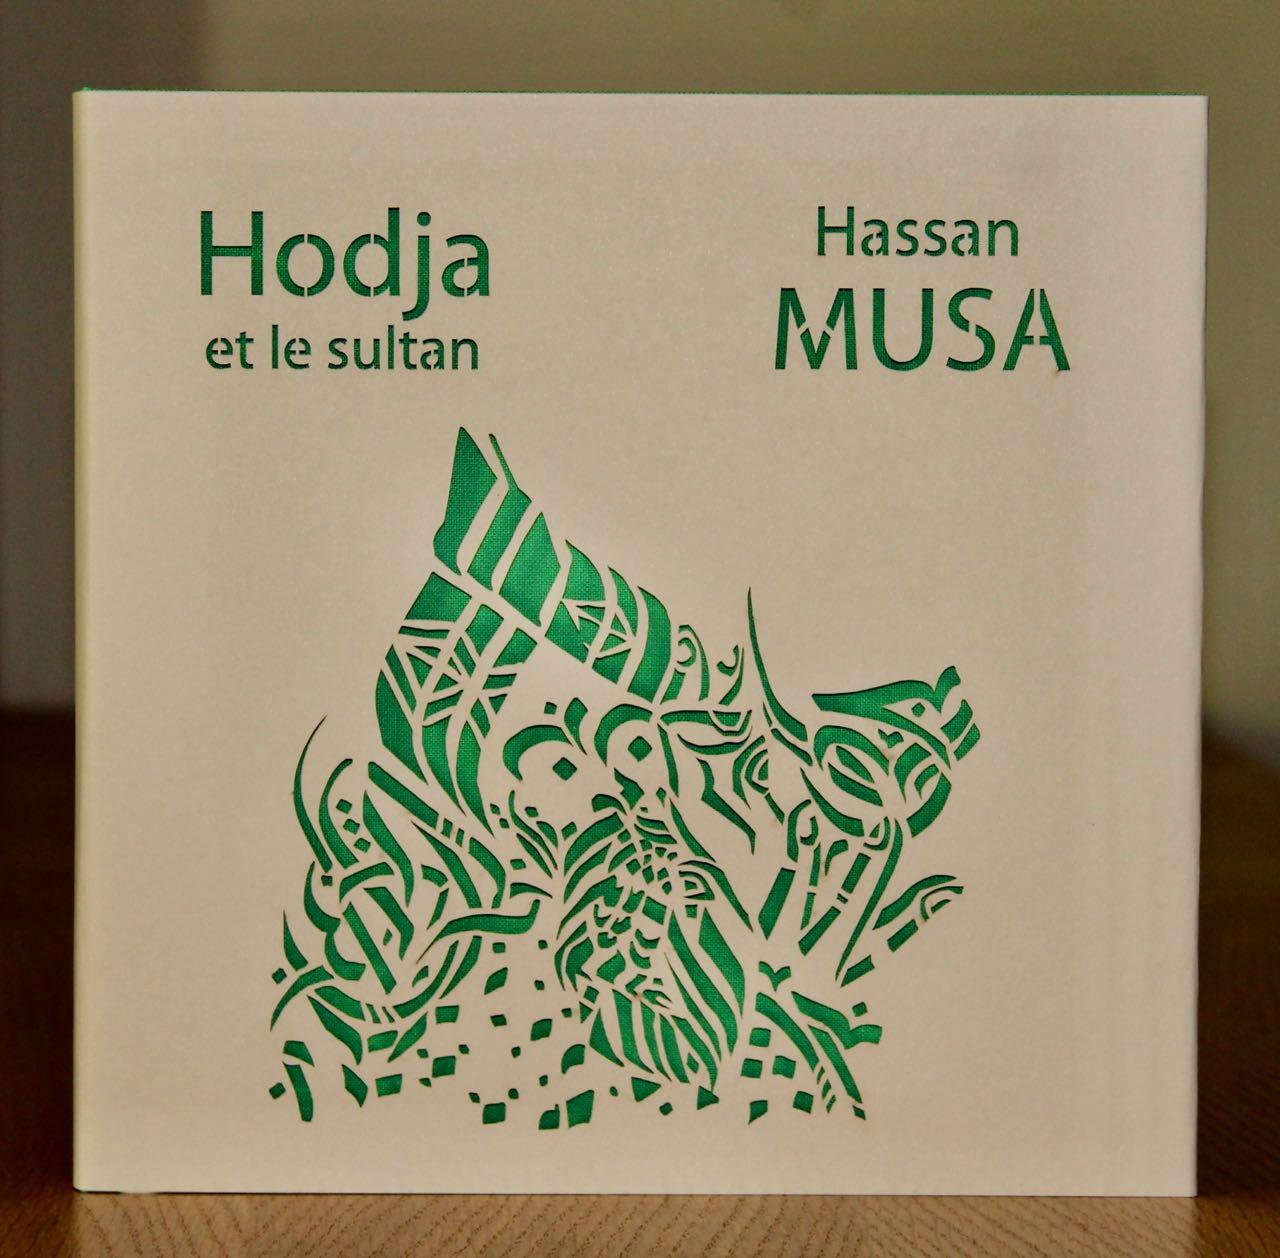 Hodja et le sultan